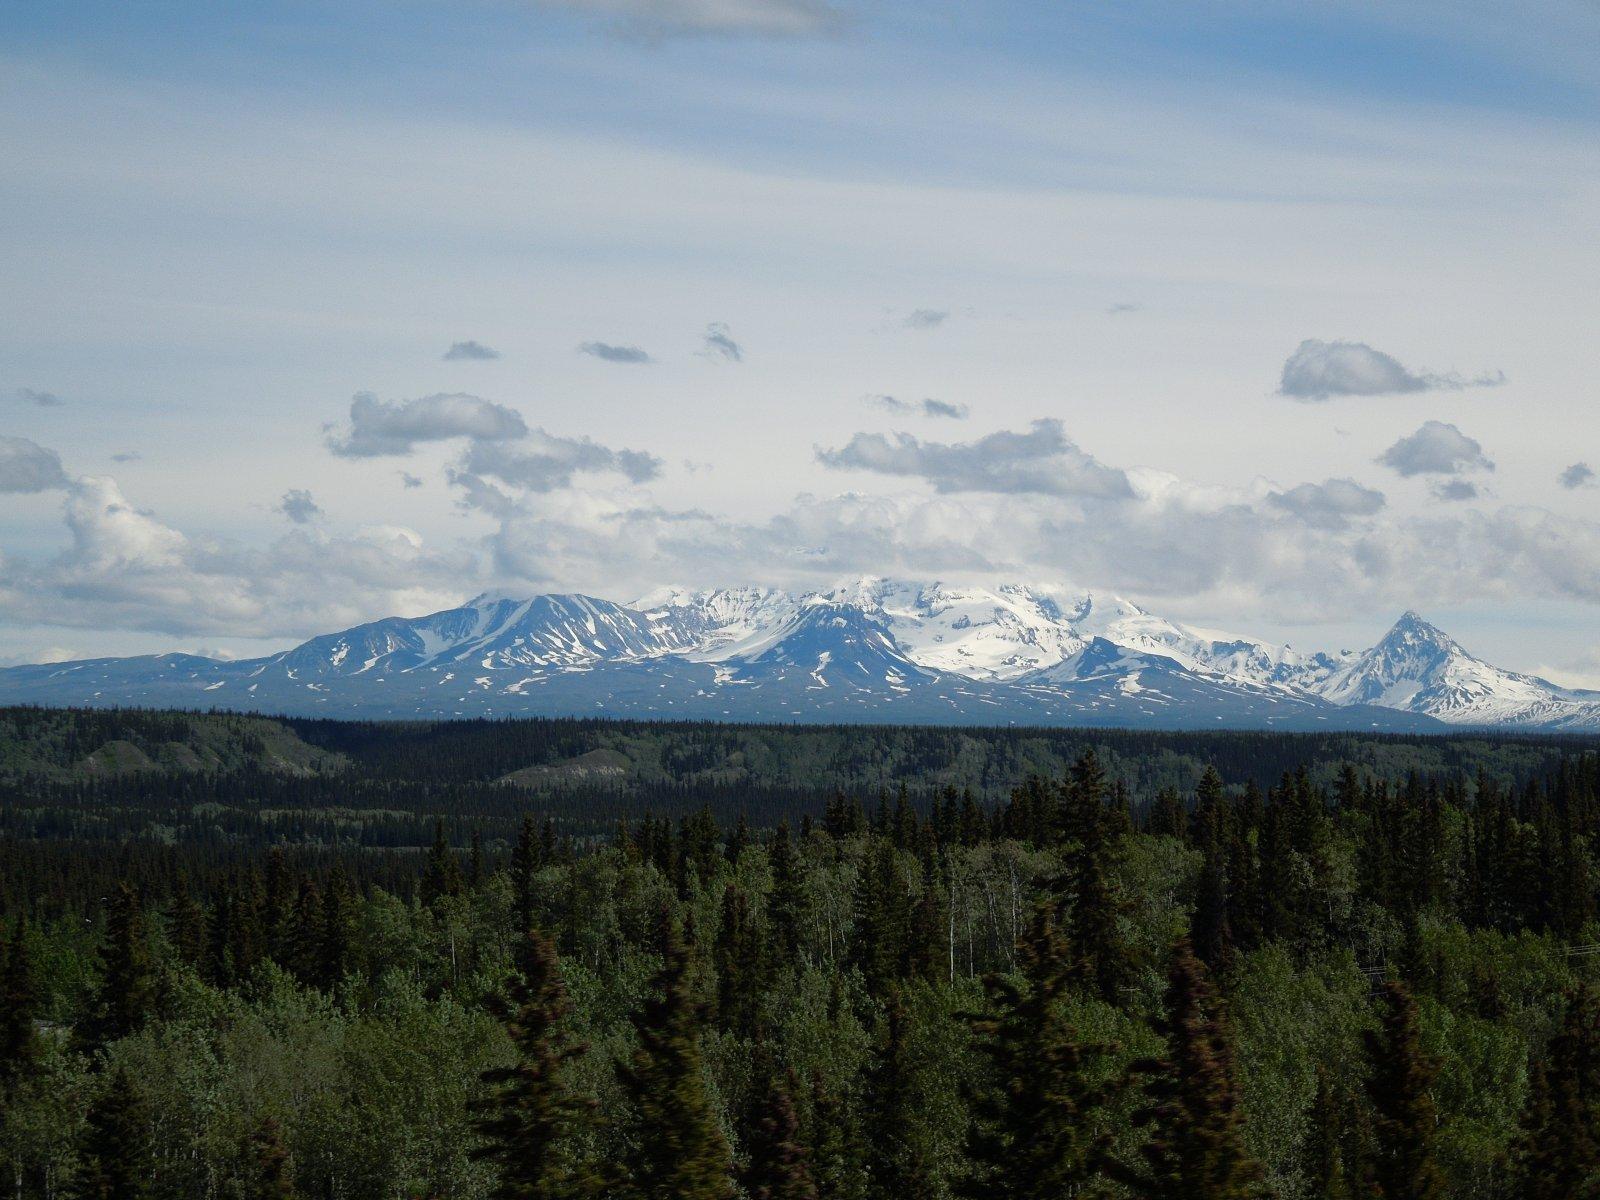 Click image for larger version  Name:Glennallen to Valdez 020.jpg Views:59 Size:290.3 KB ID:215332